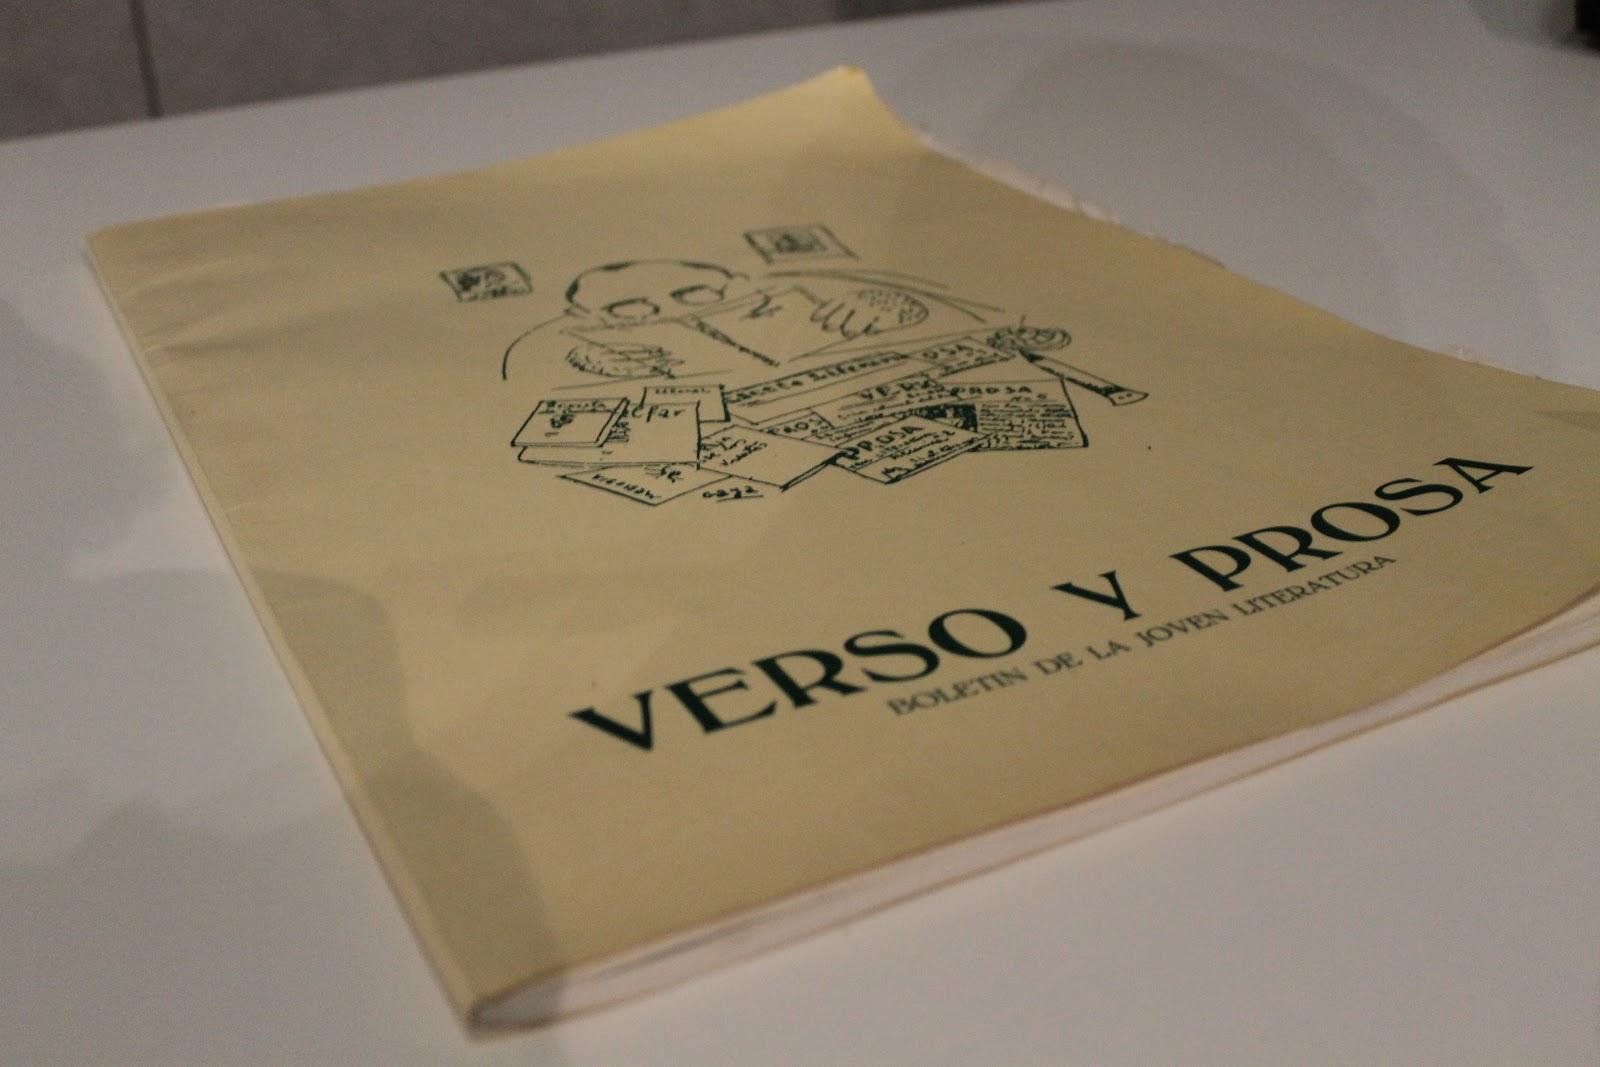 Cubierta de la edición Facsímil.